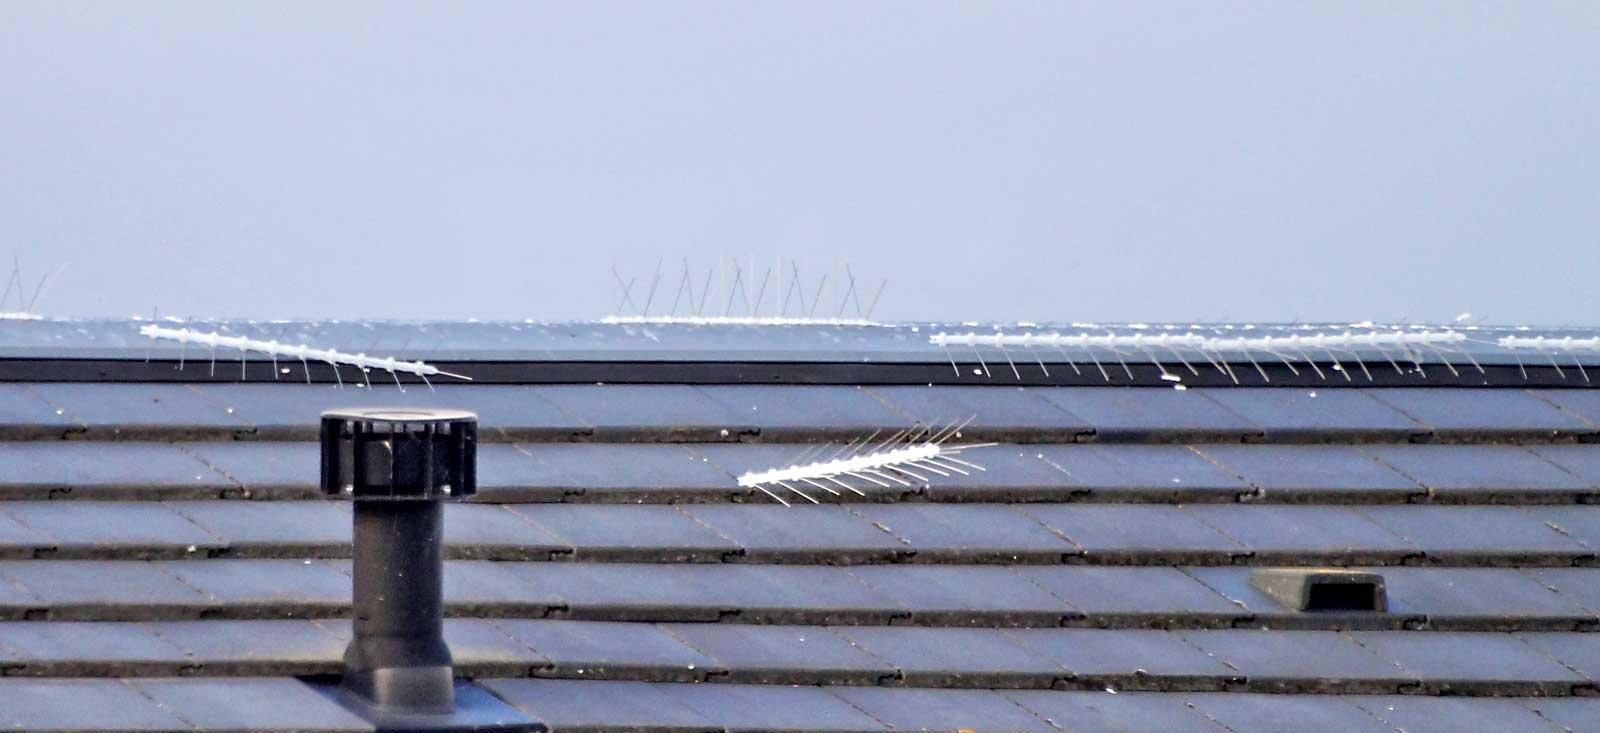 Voorbeeld van verkeerd gemonteerde duivenpinnen